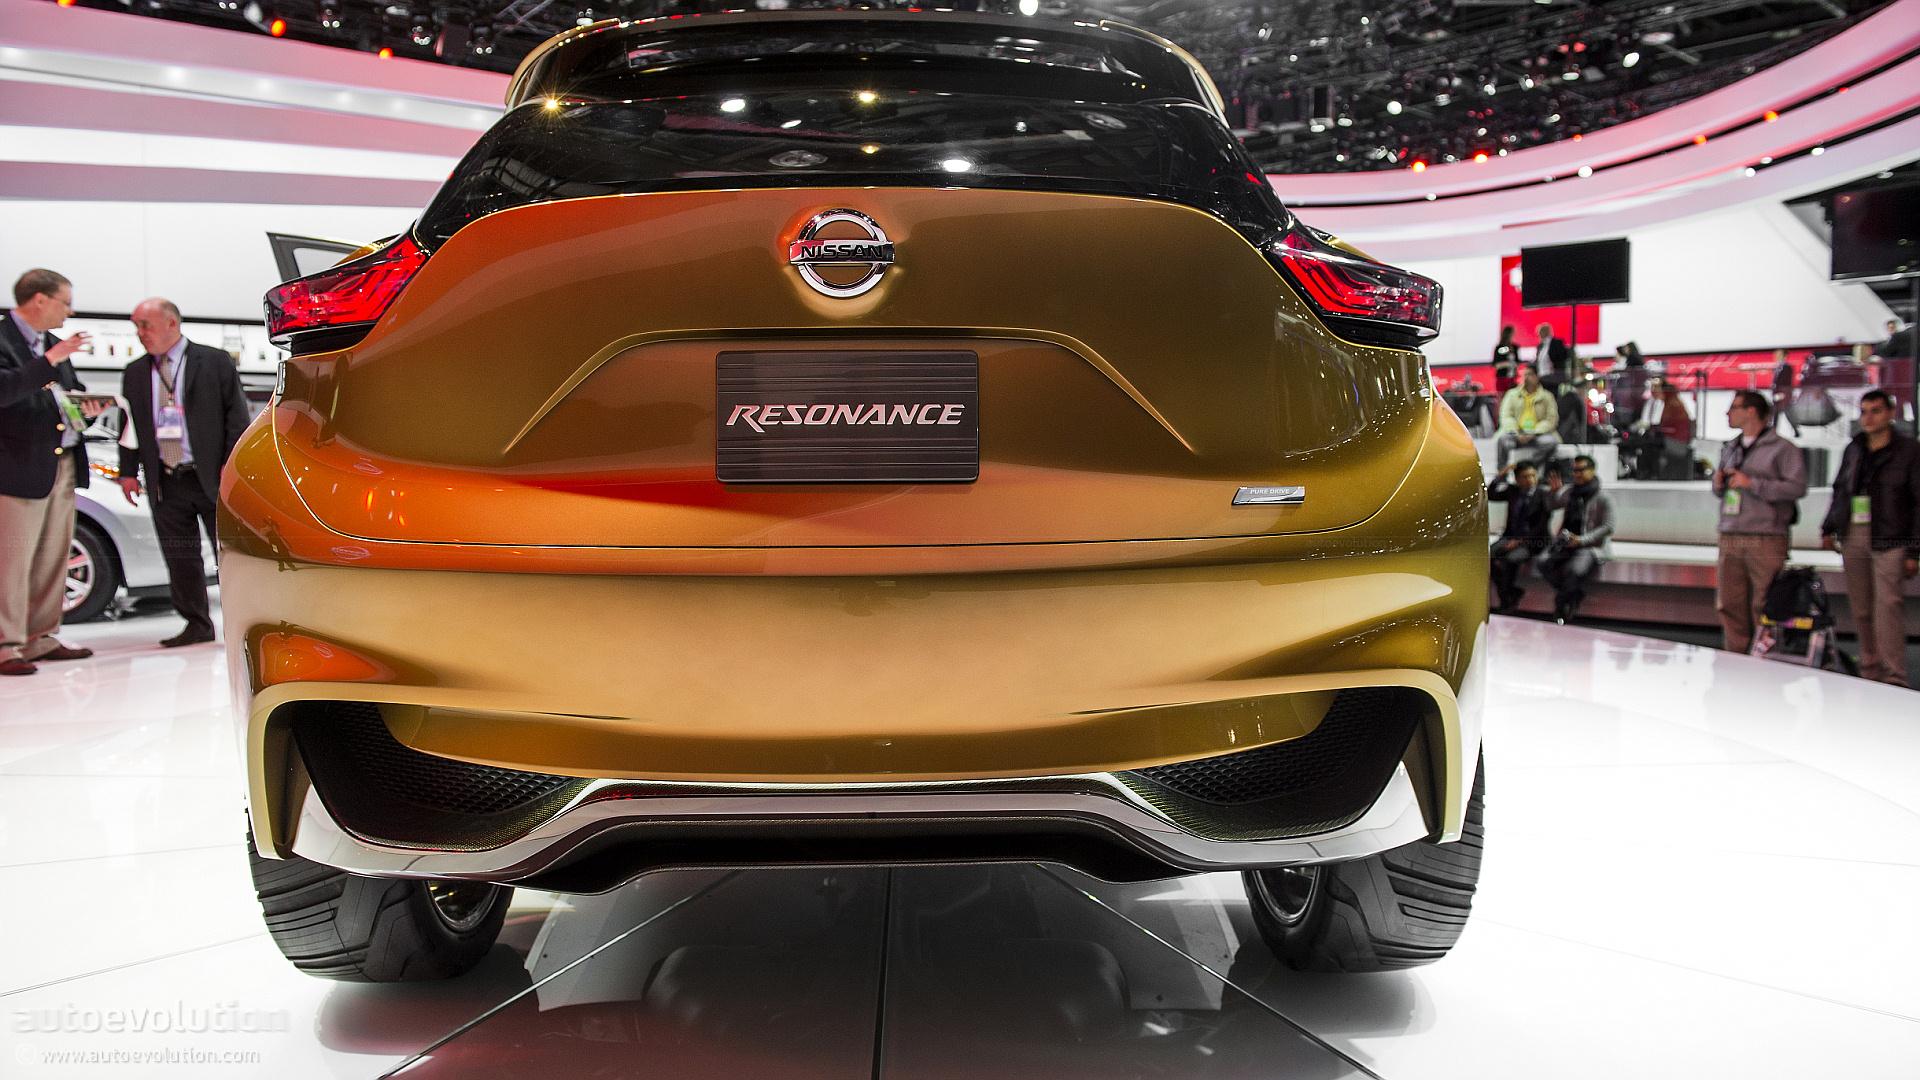 Gray Market Car Nissan Skyline Gt R R34 For Sale | Autos Post